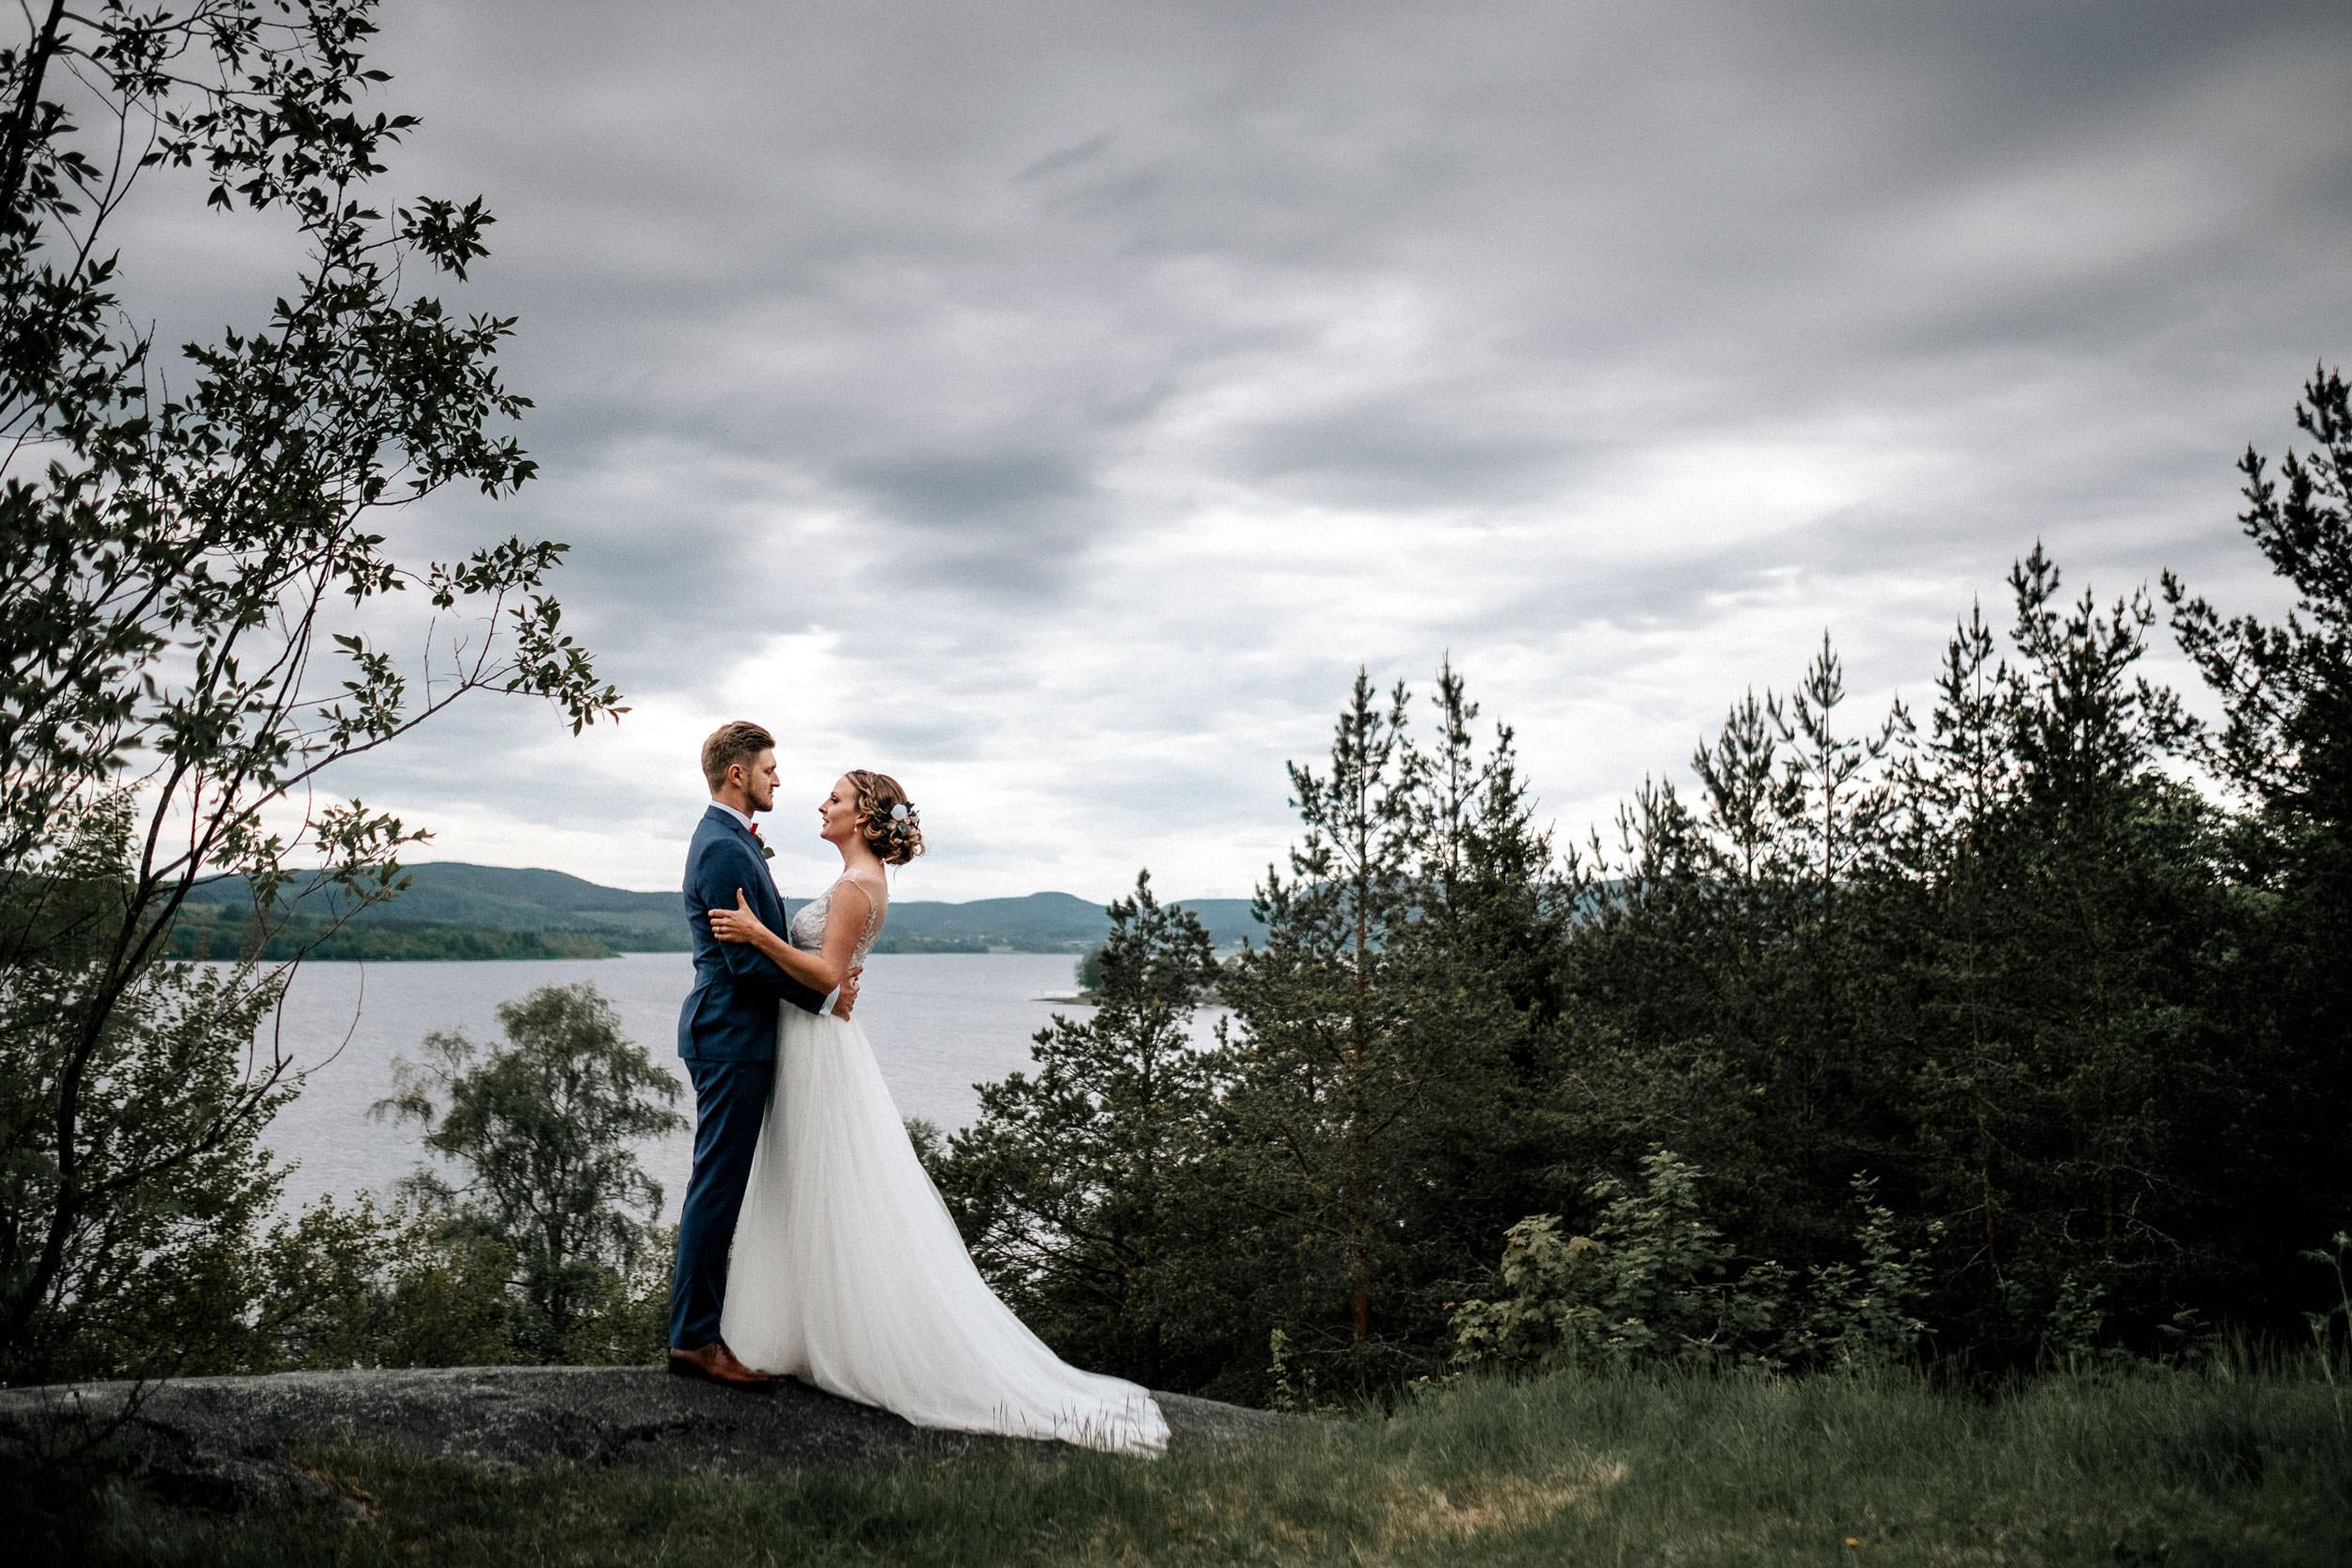 © Fotograf Jonas Burman, wedding, bröllop, brudpar, berg, hav, höga kusten, wedding trends